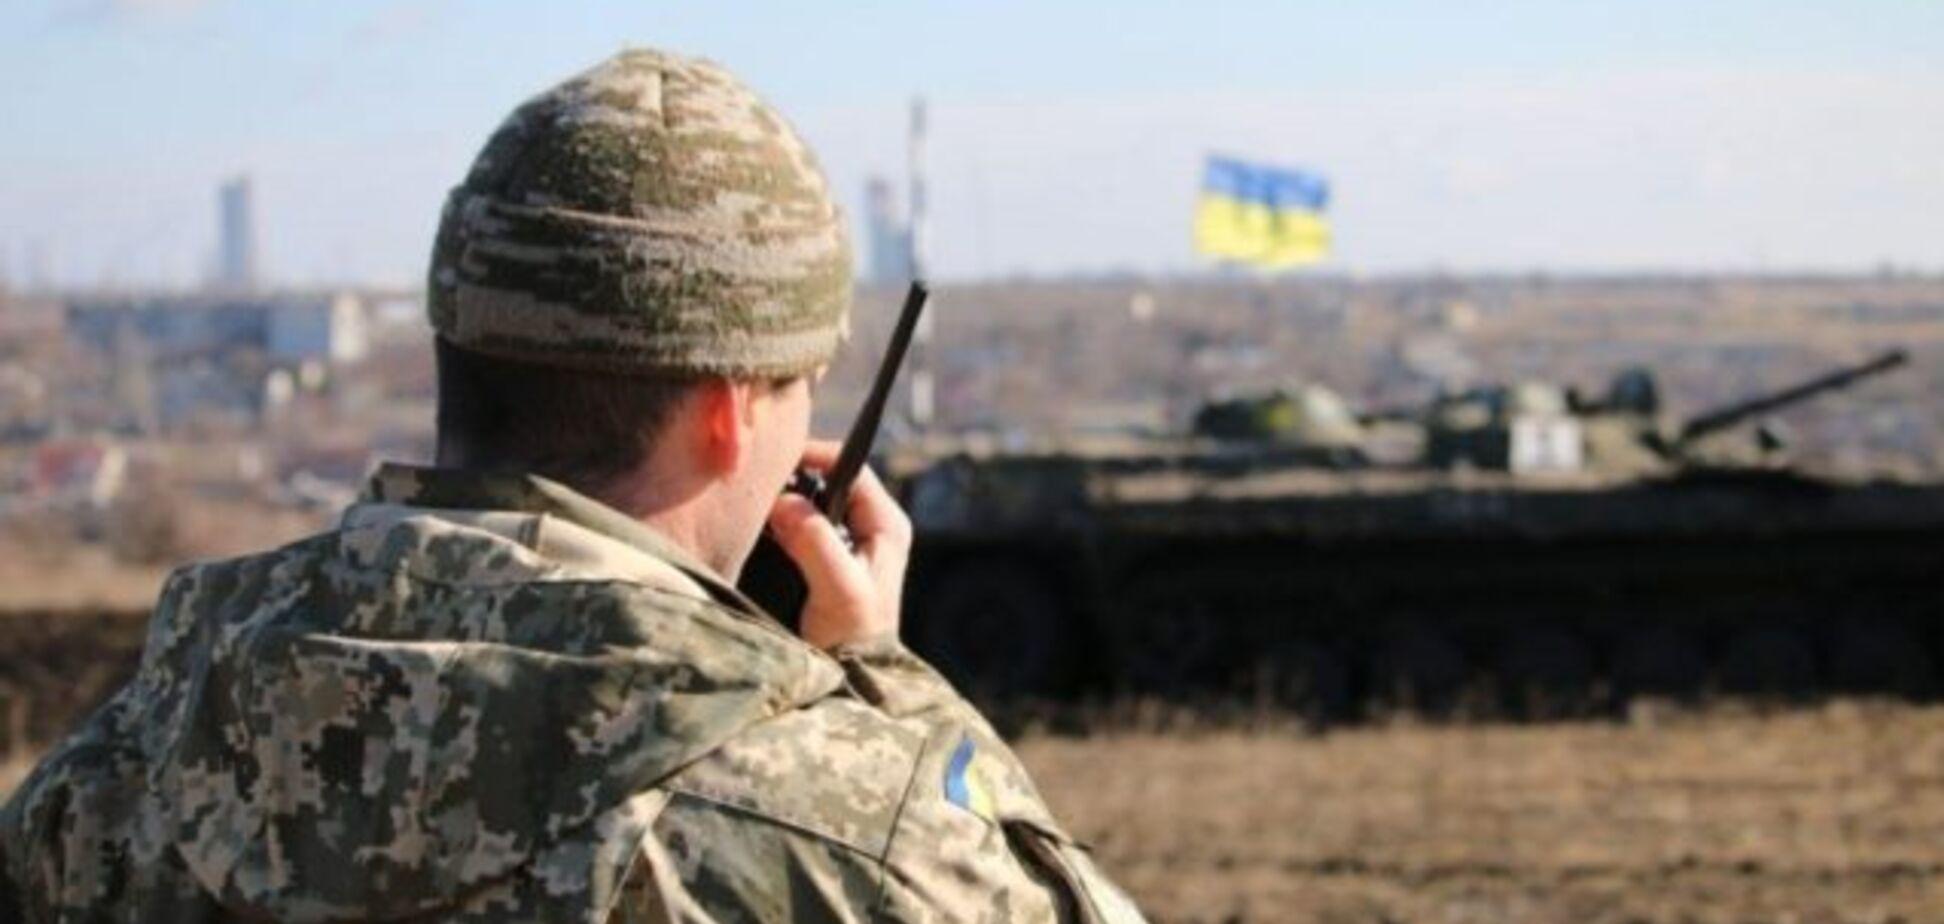 Ответили сполна: ВСУ отомстили террористам 'Л/ДНР' за раненых